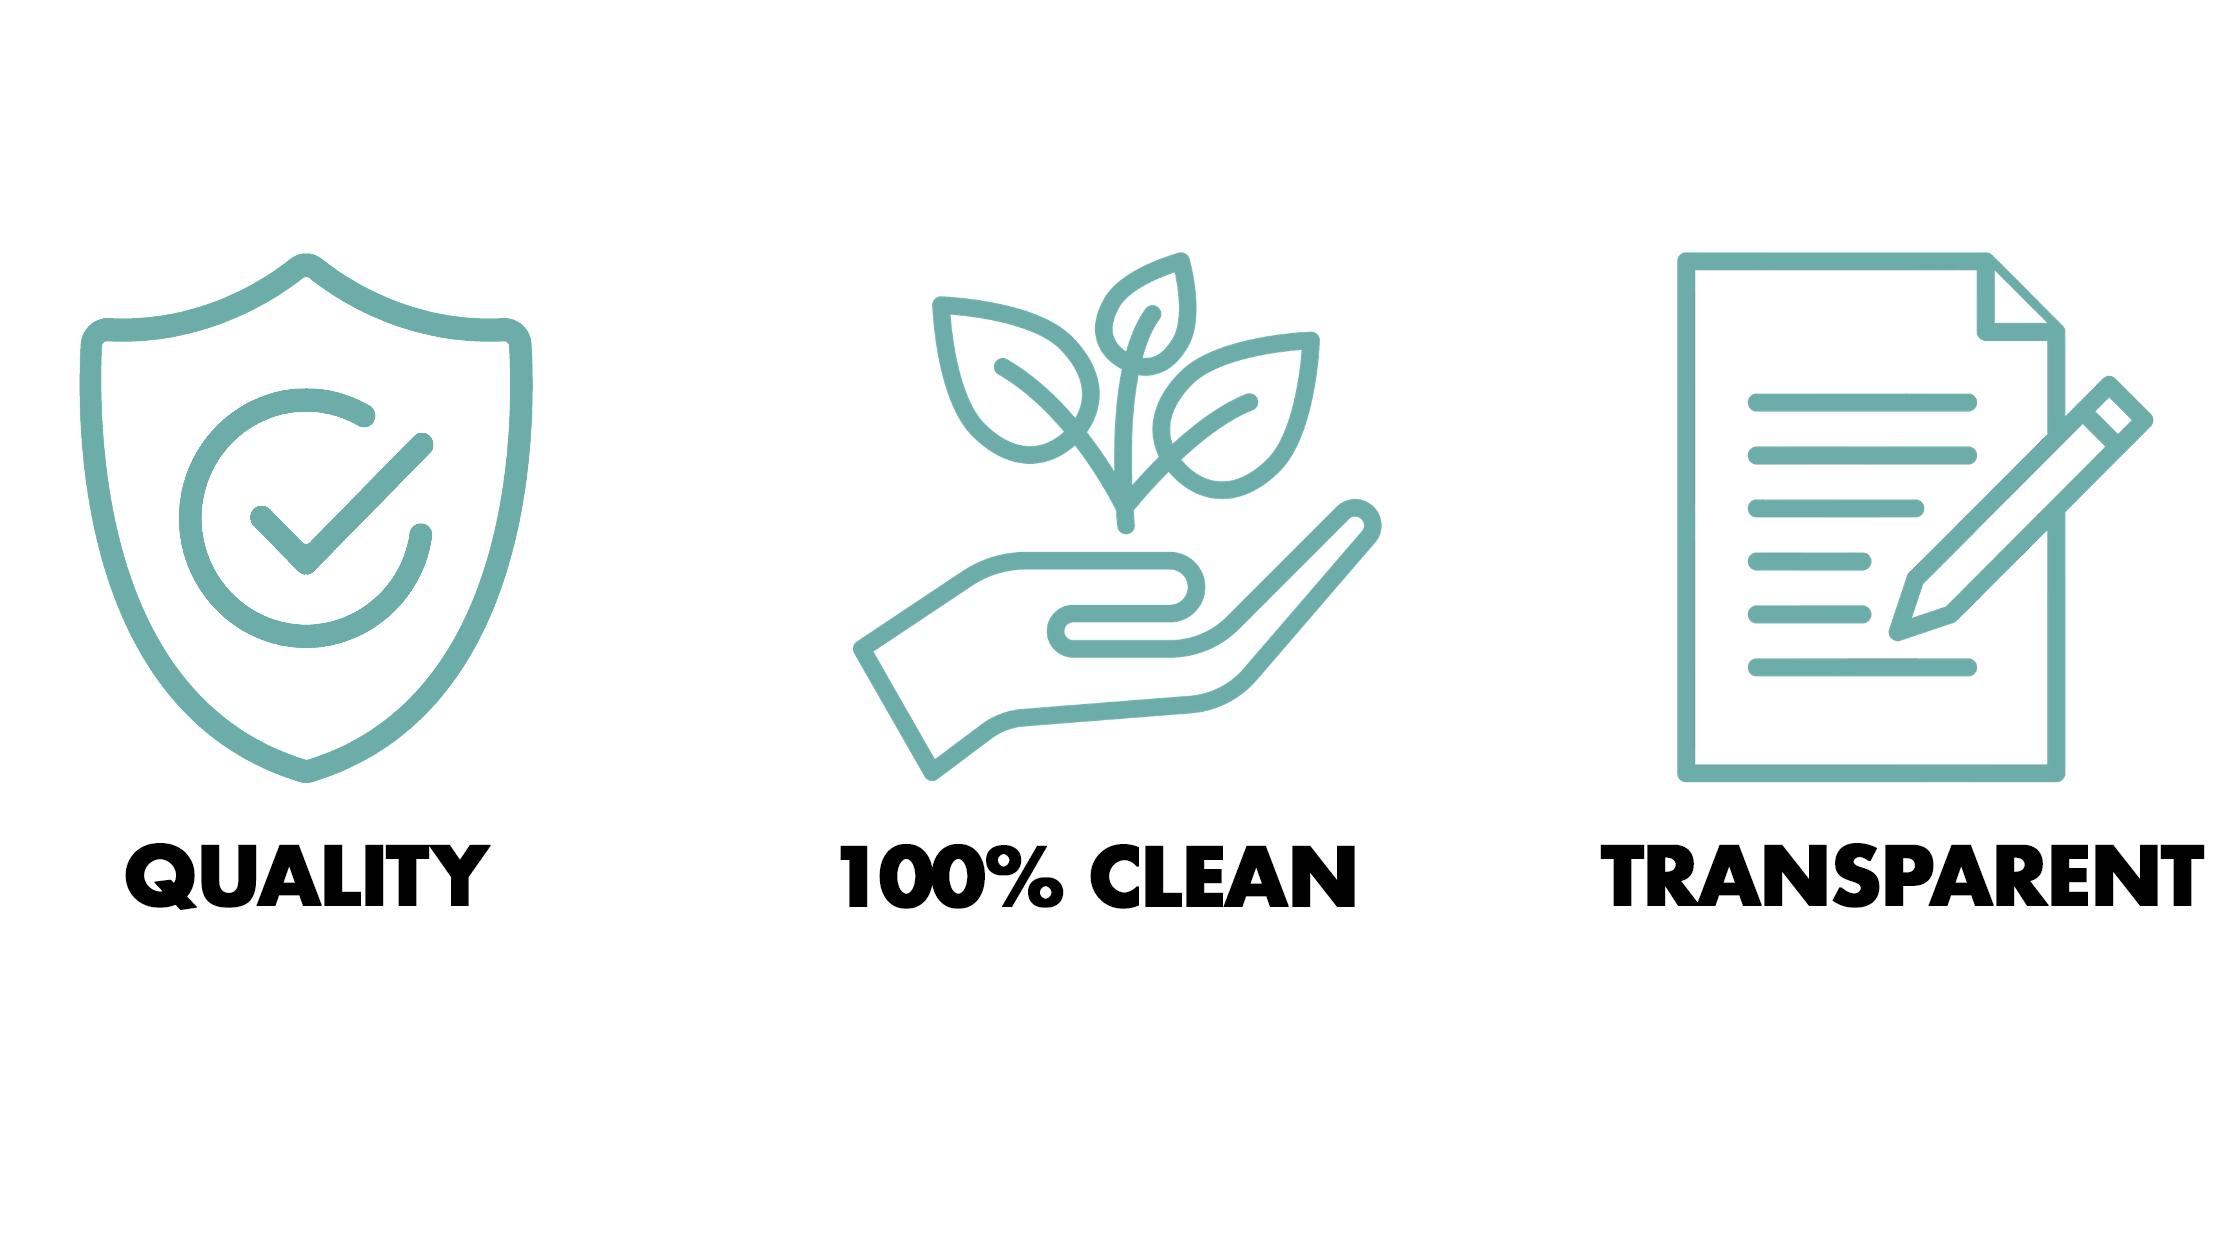 EN bande pictos argalys qualite clean transparent 2